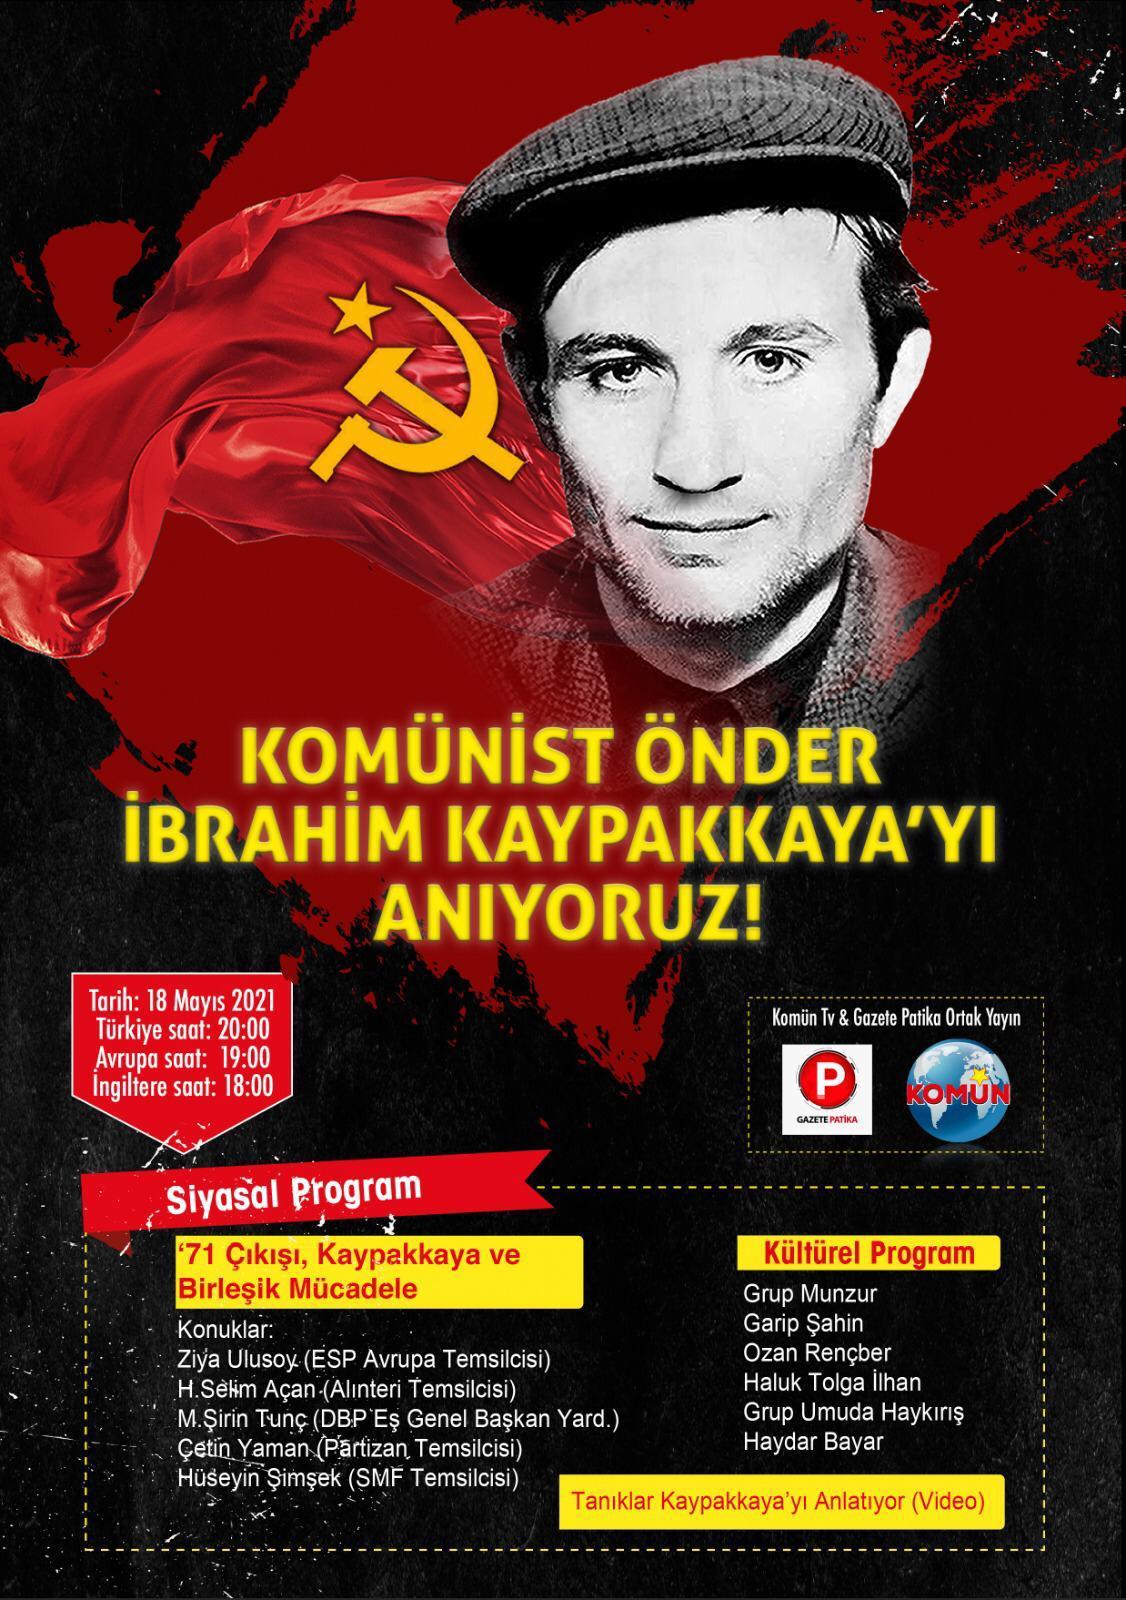 Katledilişinin 48. yılında Komünist Önder İbrahim Kaypakkaya'yı Anıyoruz!